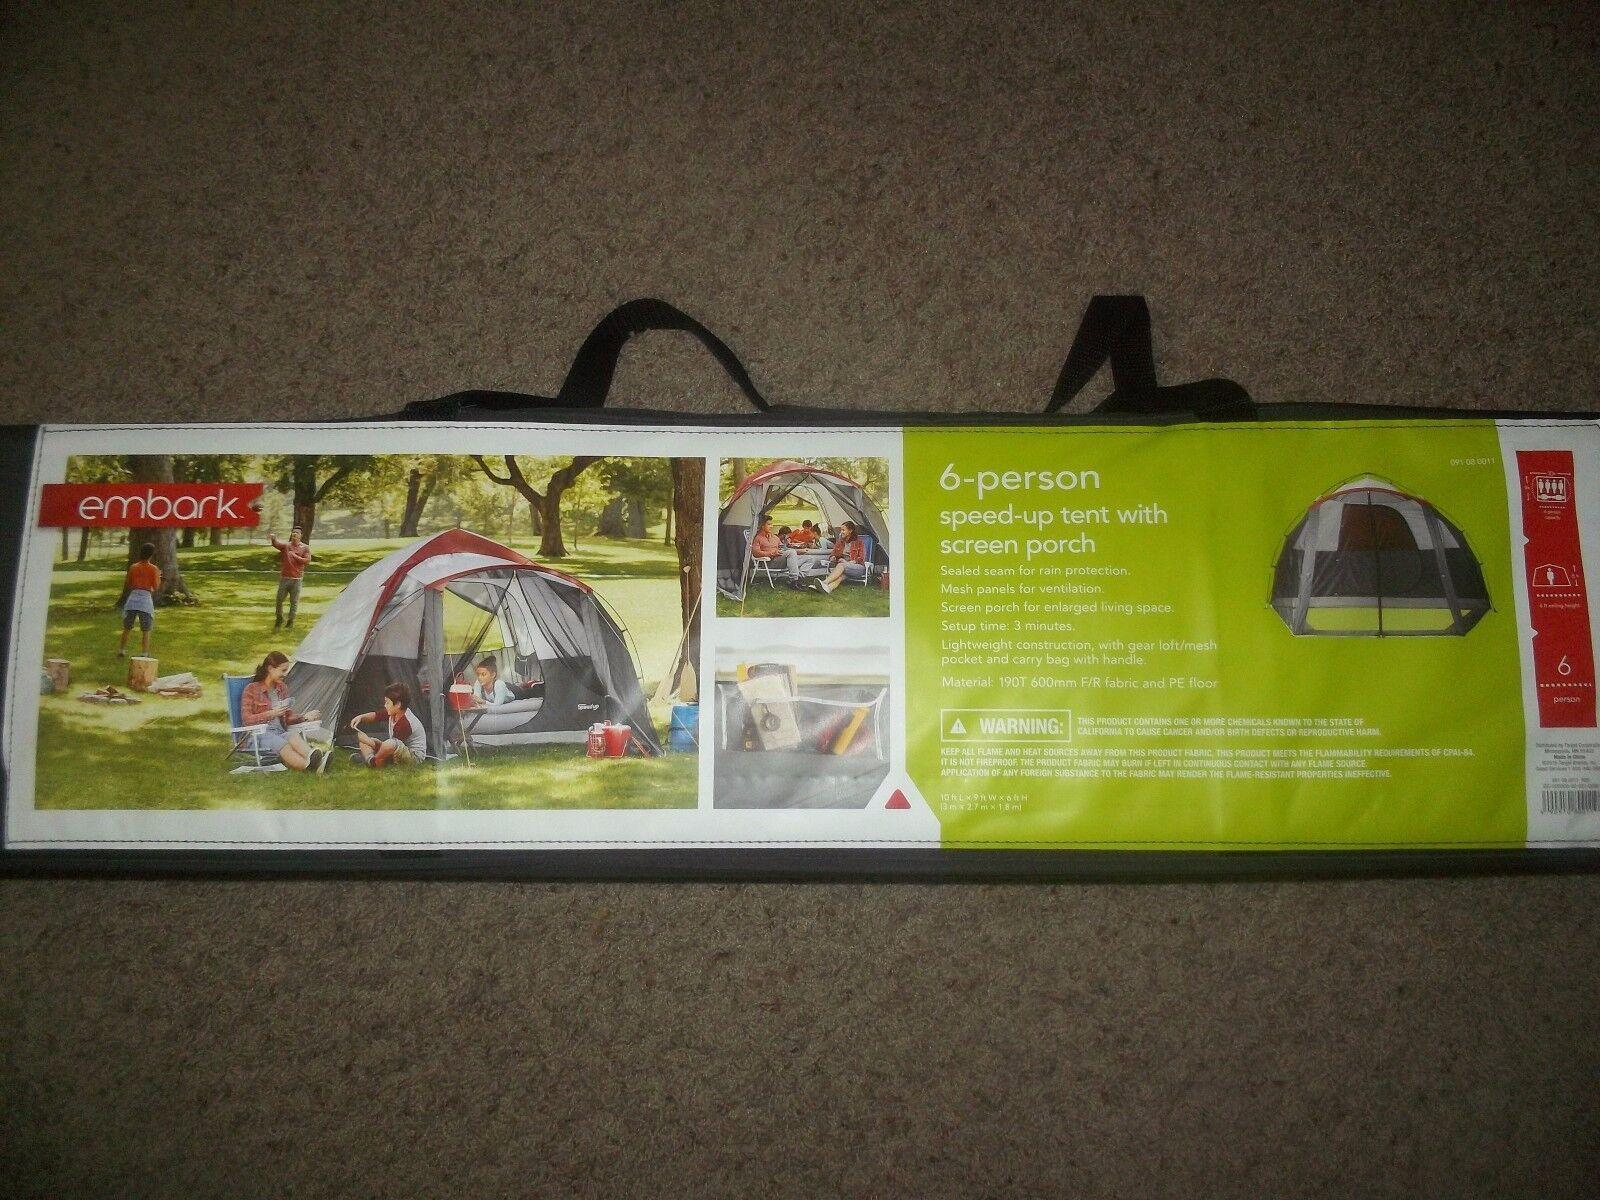 Nuevo Tienda de 6 personas instantánea embarcarse con pantalla porche 3 minuto instalación Camping Nuevo En Caja